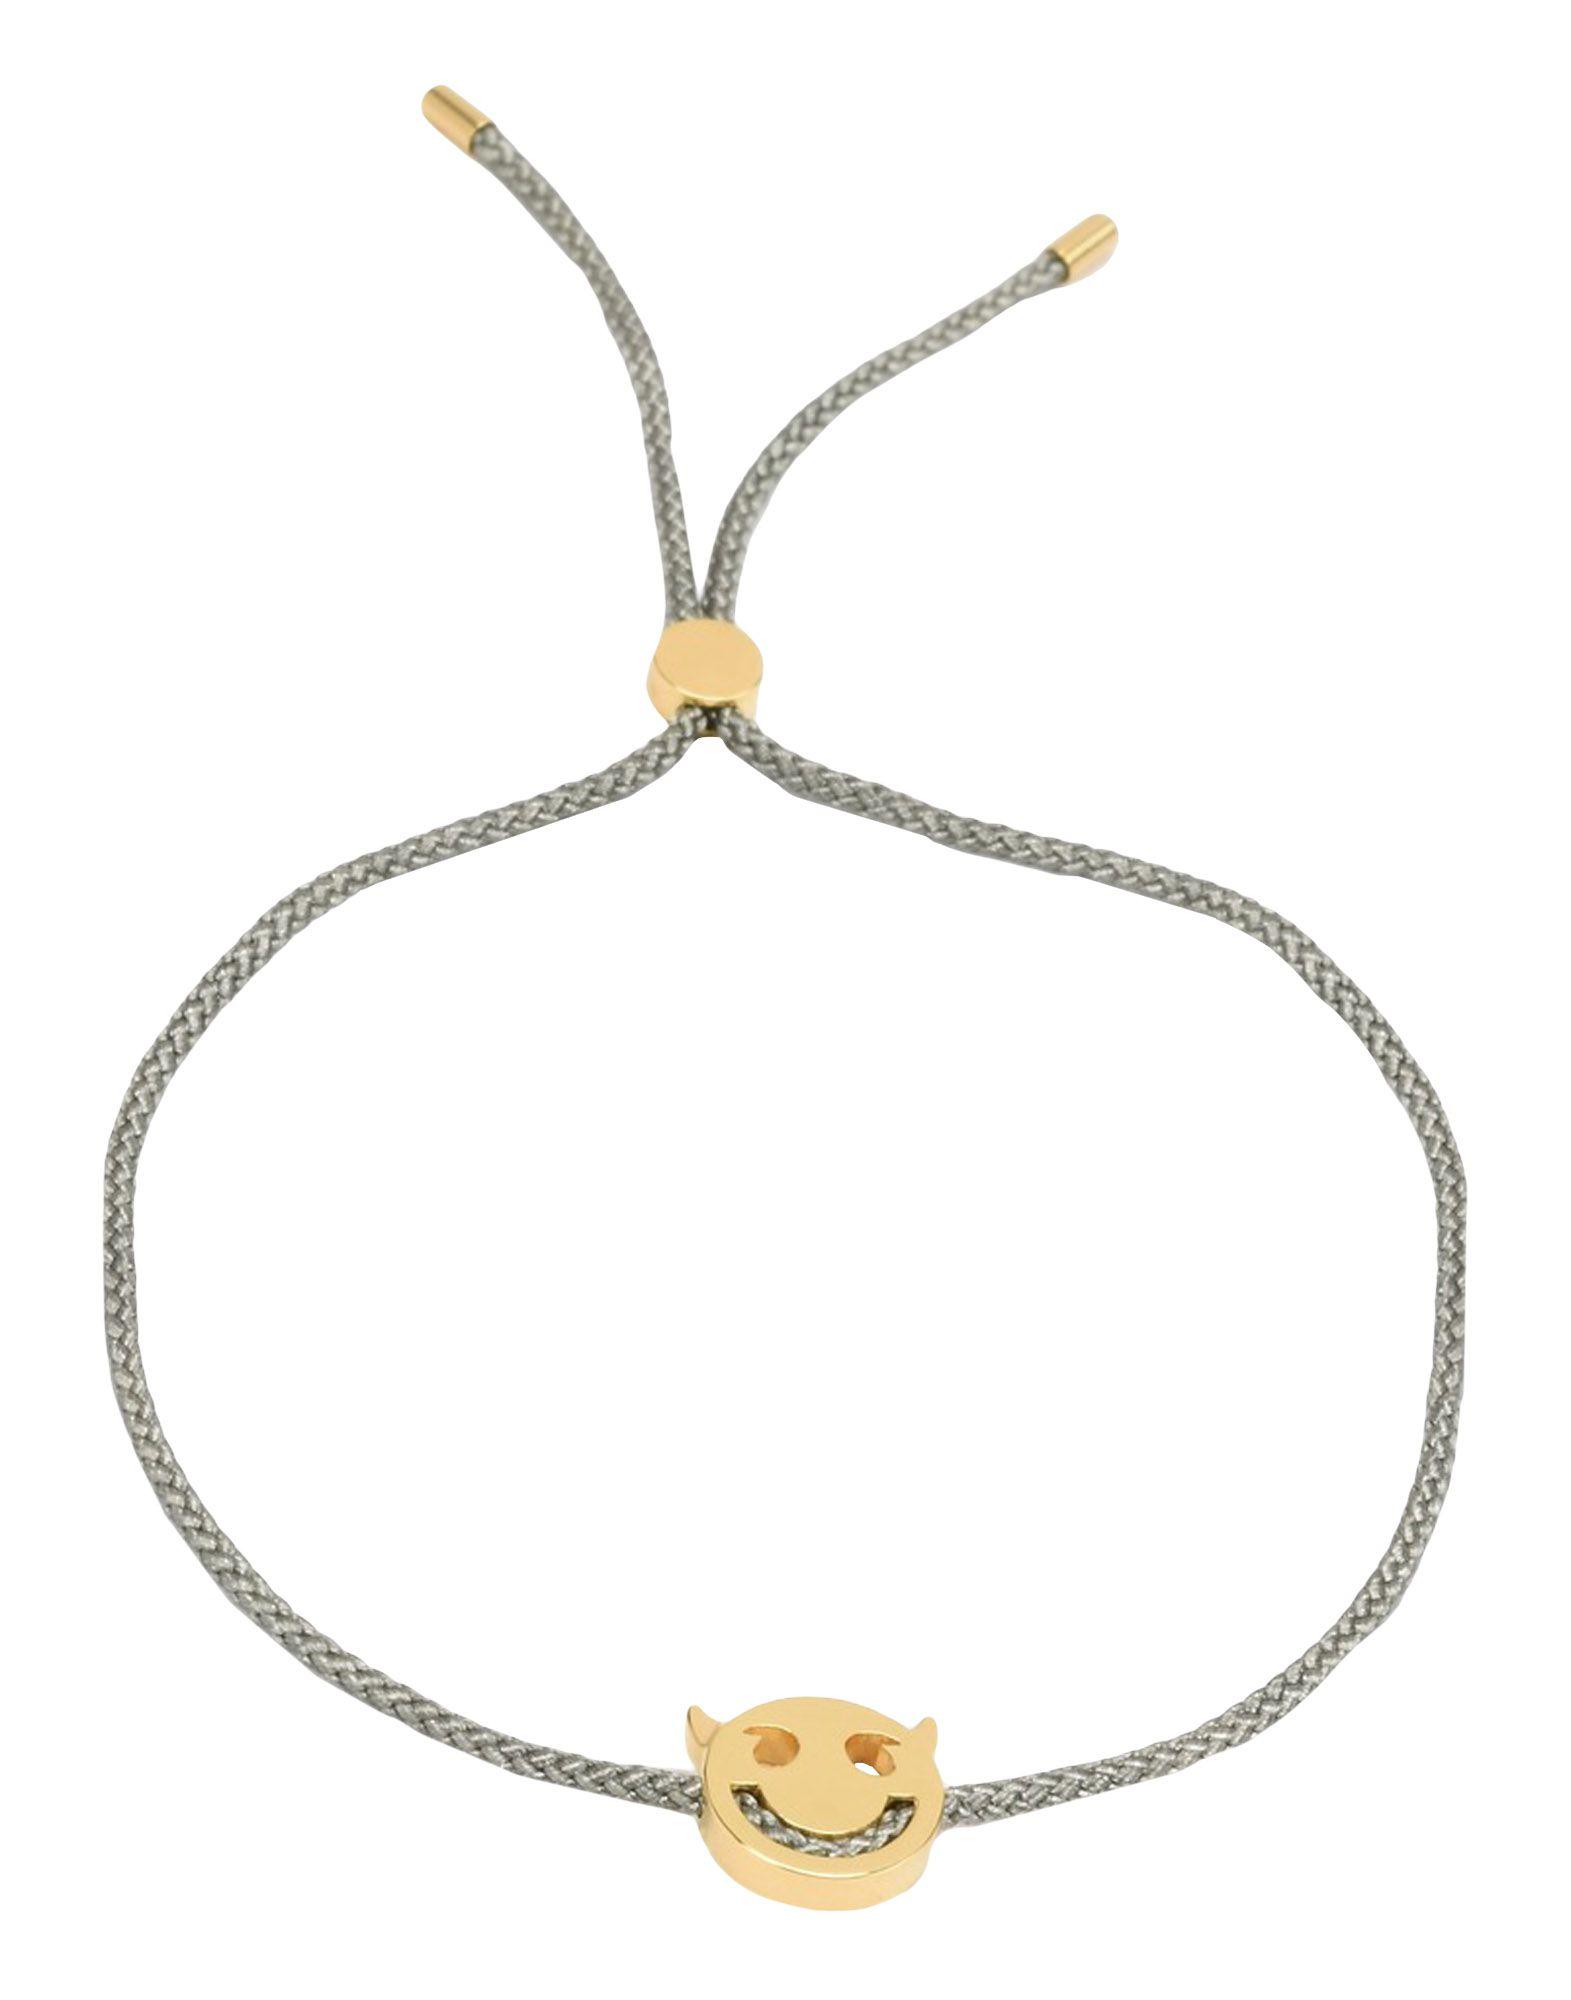 RUIFIER Bracelet in Grey